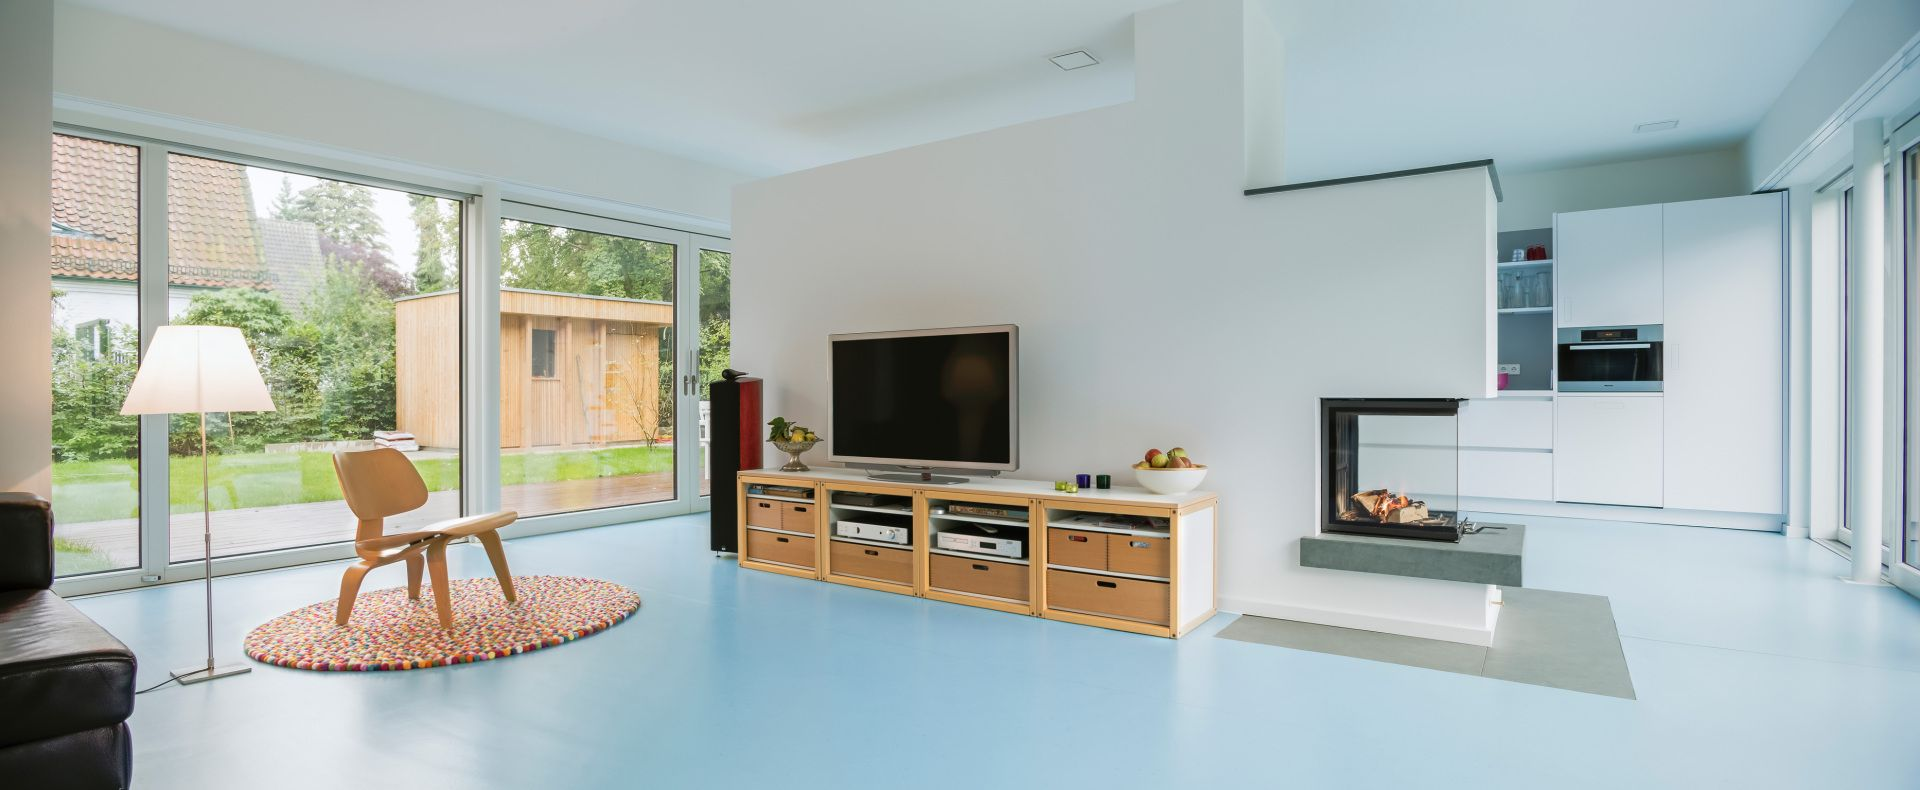 holz und farben f rs leben. Black Bedroom Furniture Sets. Home Design Ideas